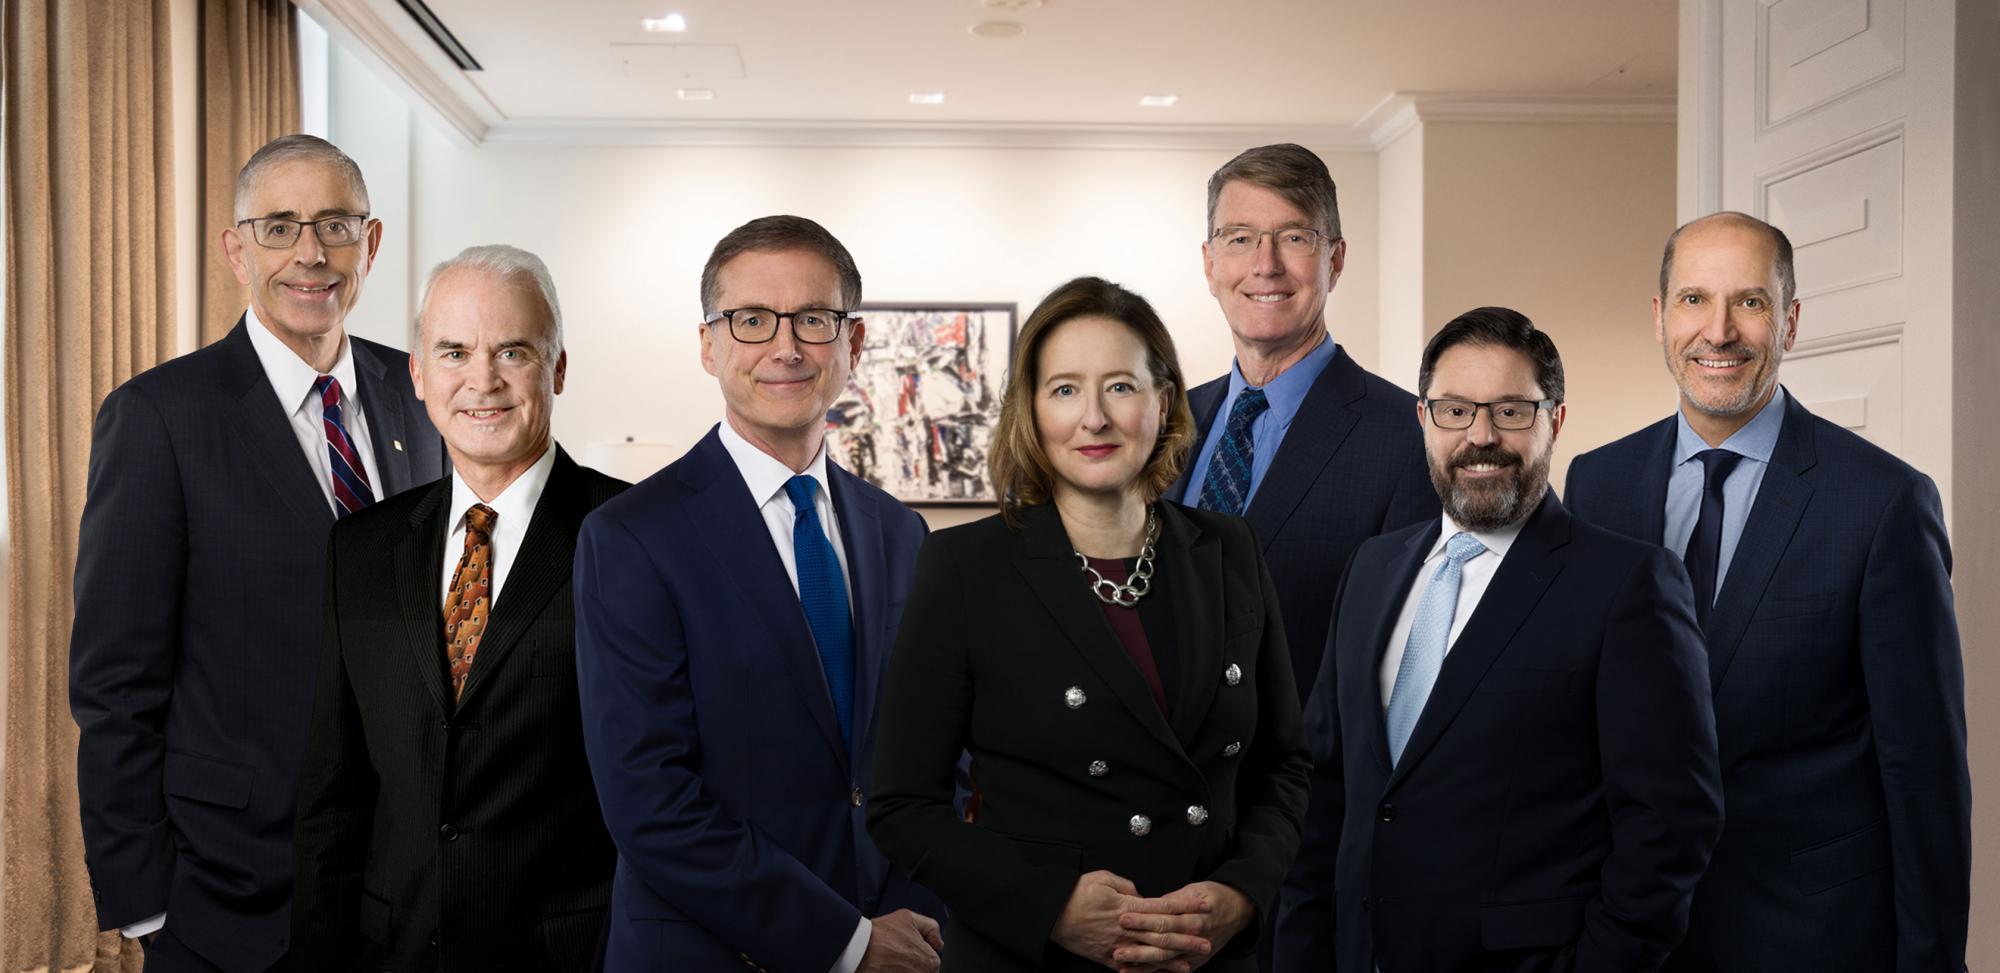 Les sept membres du Conseil de direction institutionnelle posant debout de façon solennelle devant une salle de réunion au siège.